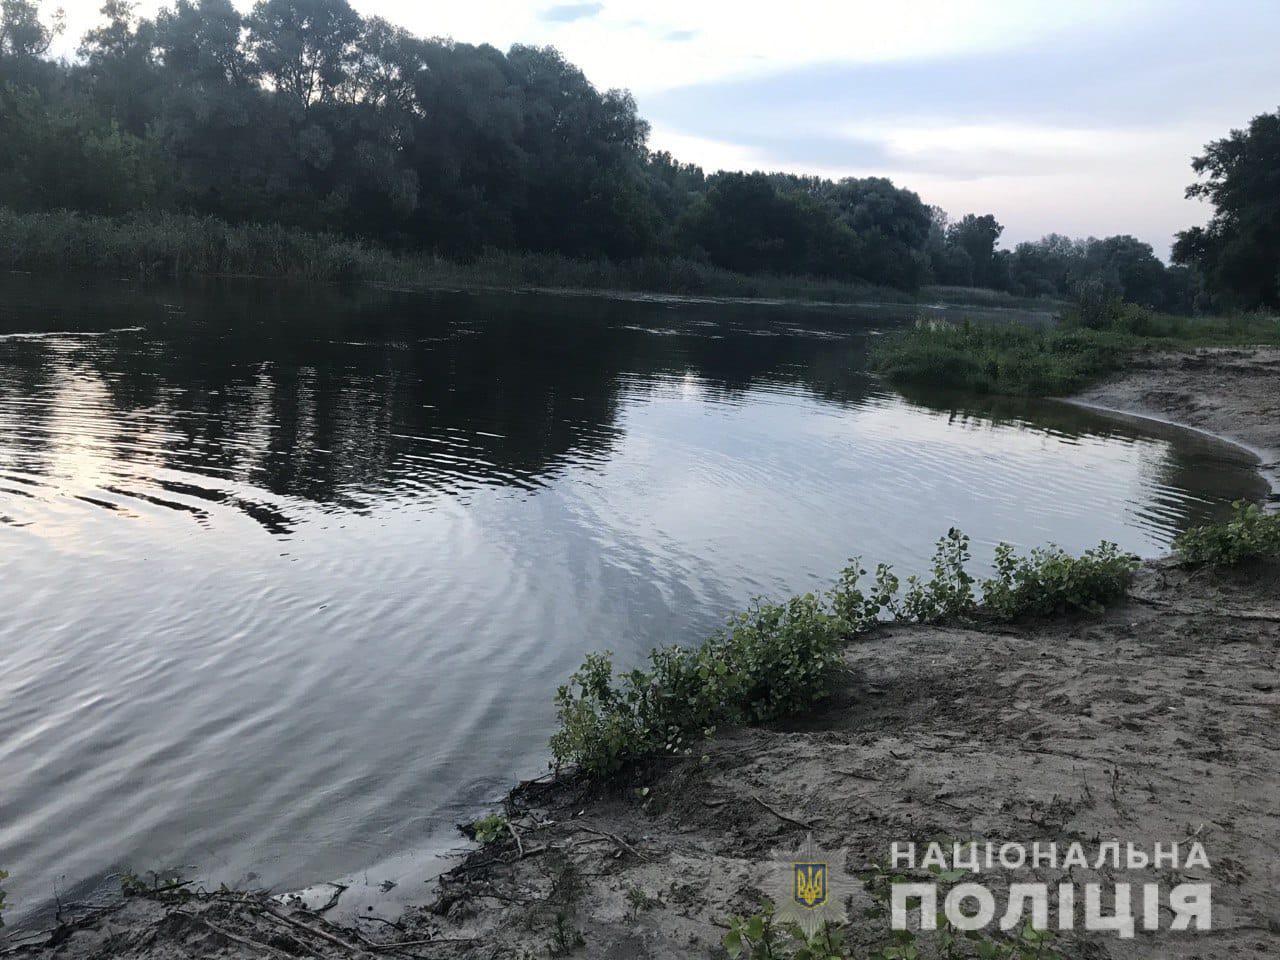 Криминал Харьков: Утонул в Северском Донце оставленный матерью четырехлетний малыш